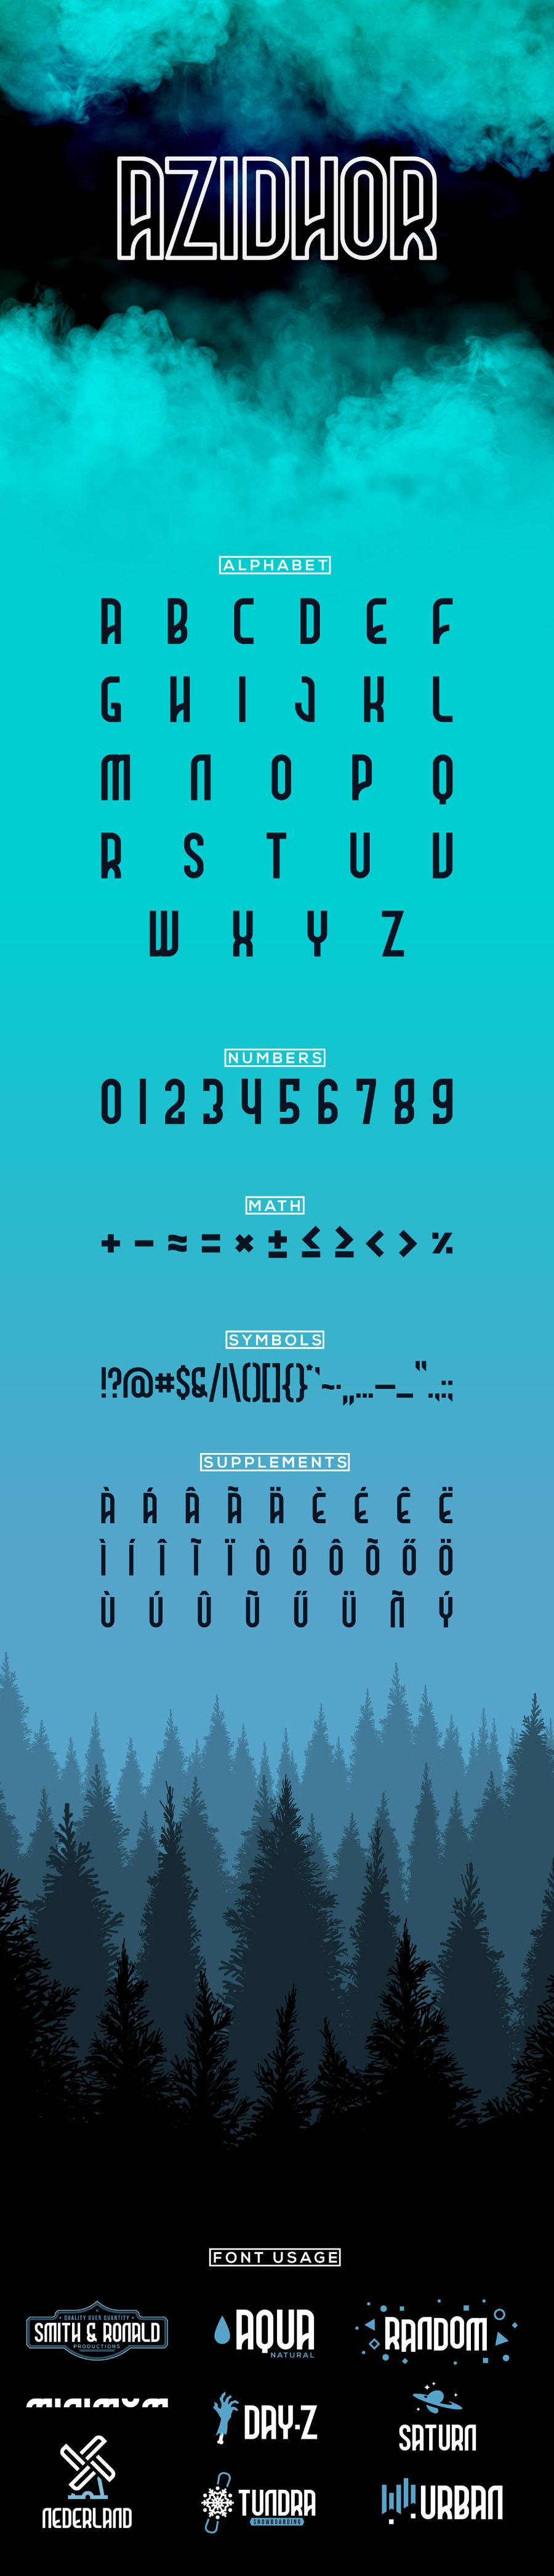 Azidhor-font_Attila-Suto_161017_prev01